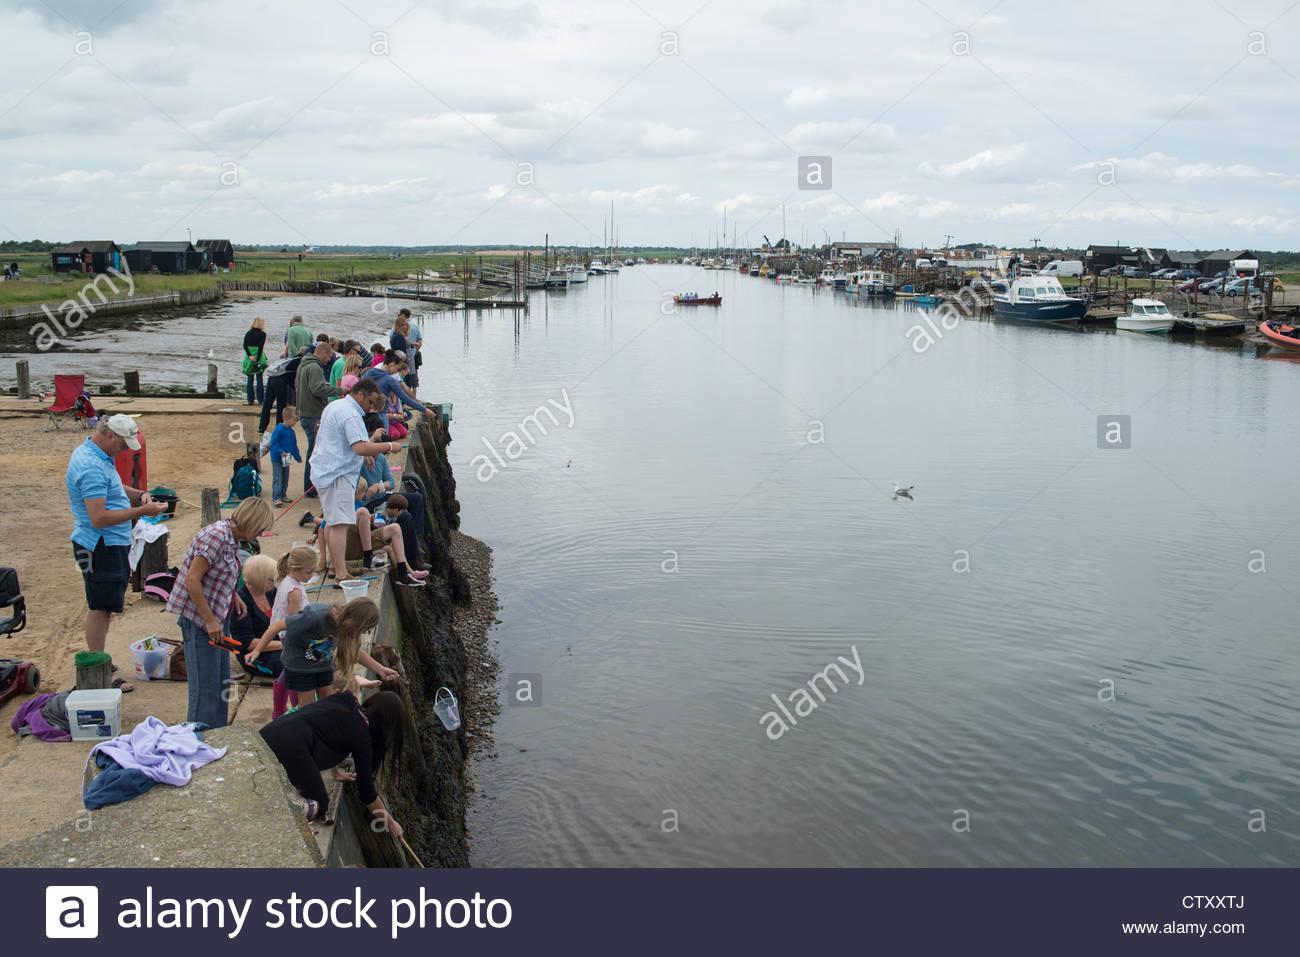 Crabbing at Walberswick - Stock Image